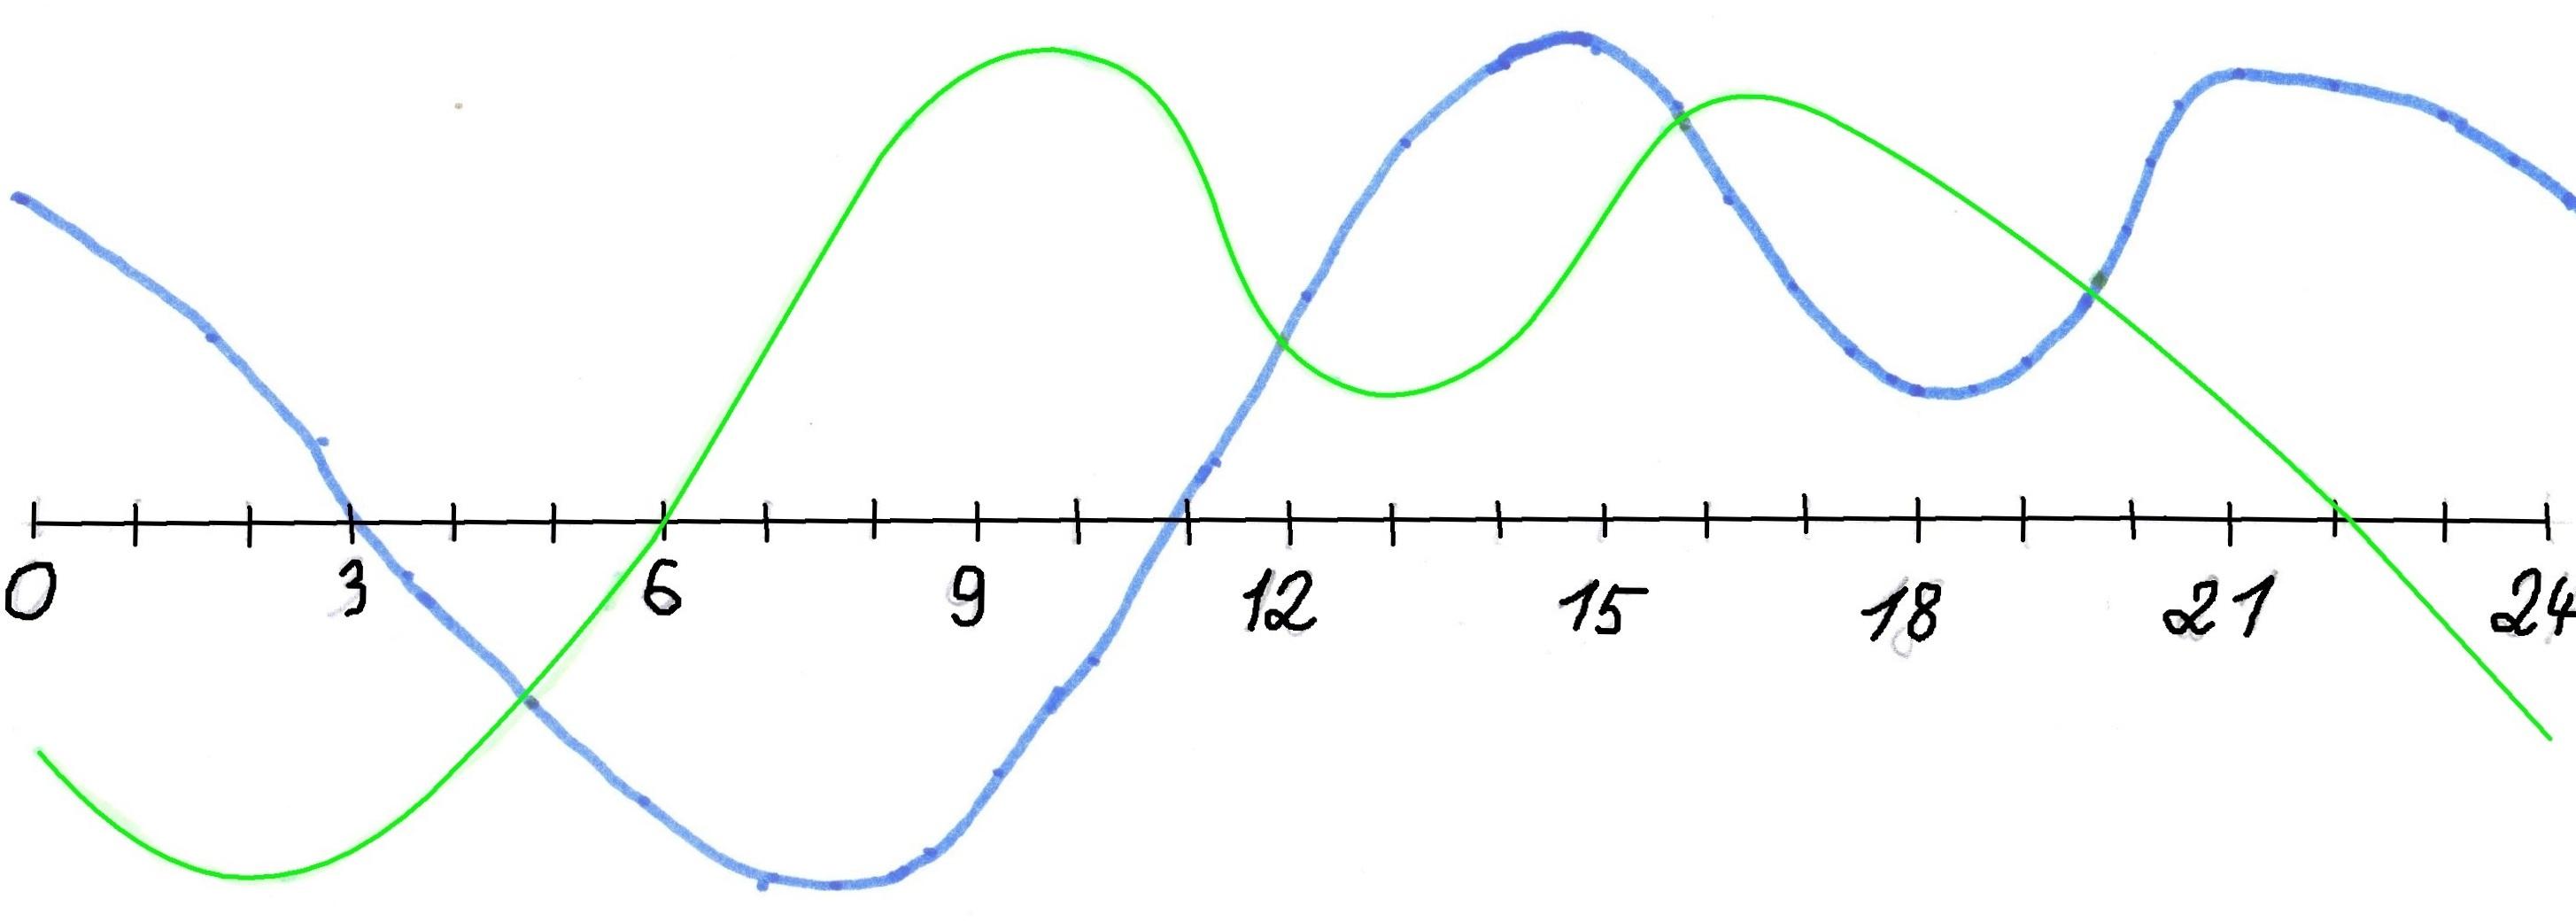 Delayed sleep phase disorder - Wikipedia